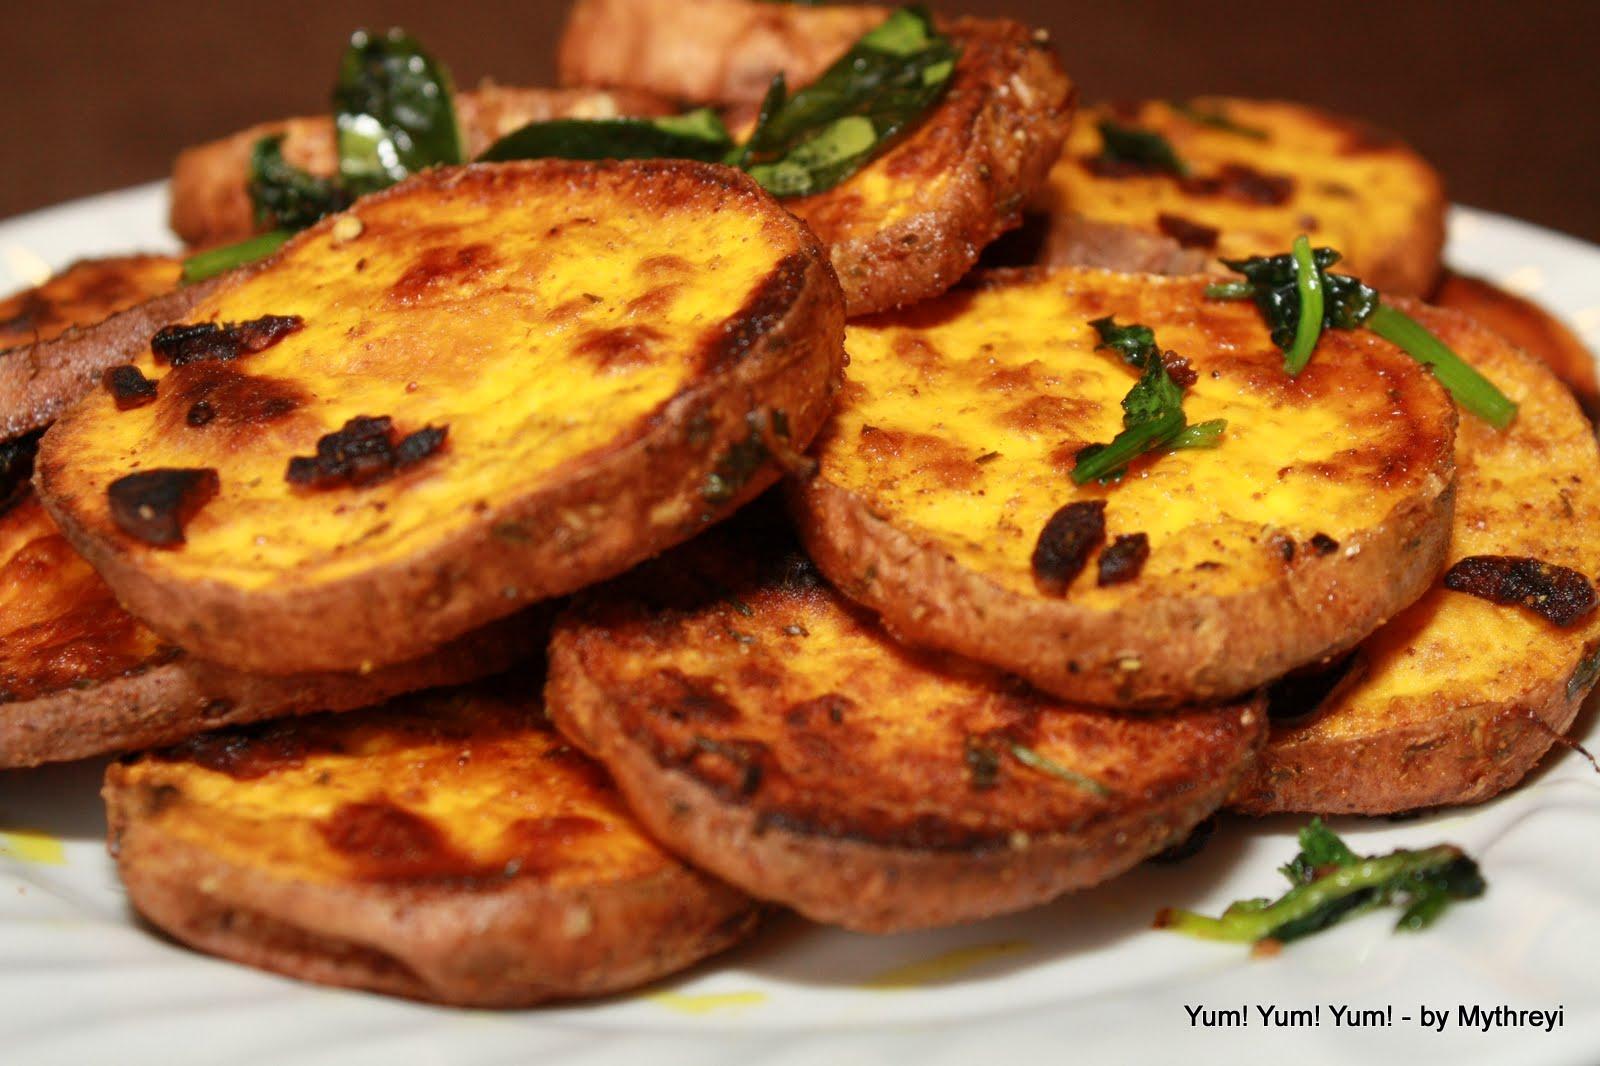 Yum! Yum! Yum!: Garlic Infused Sweet Potato Rounds